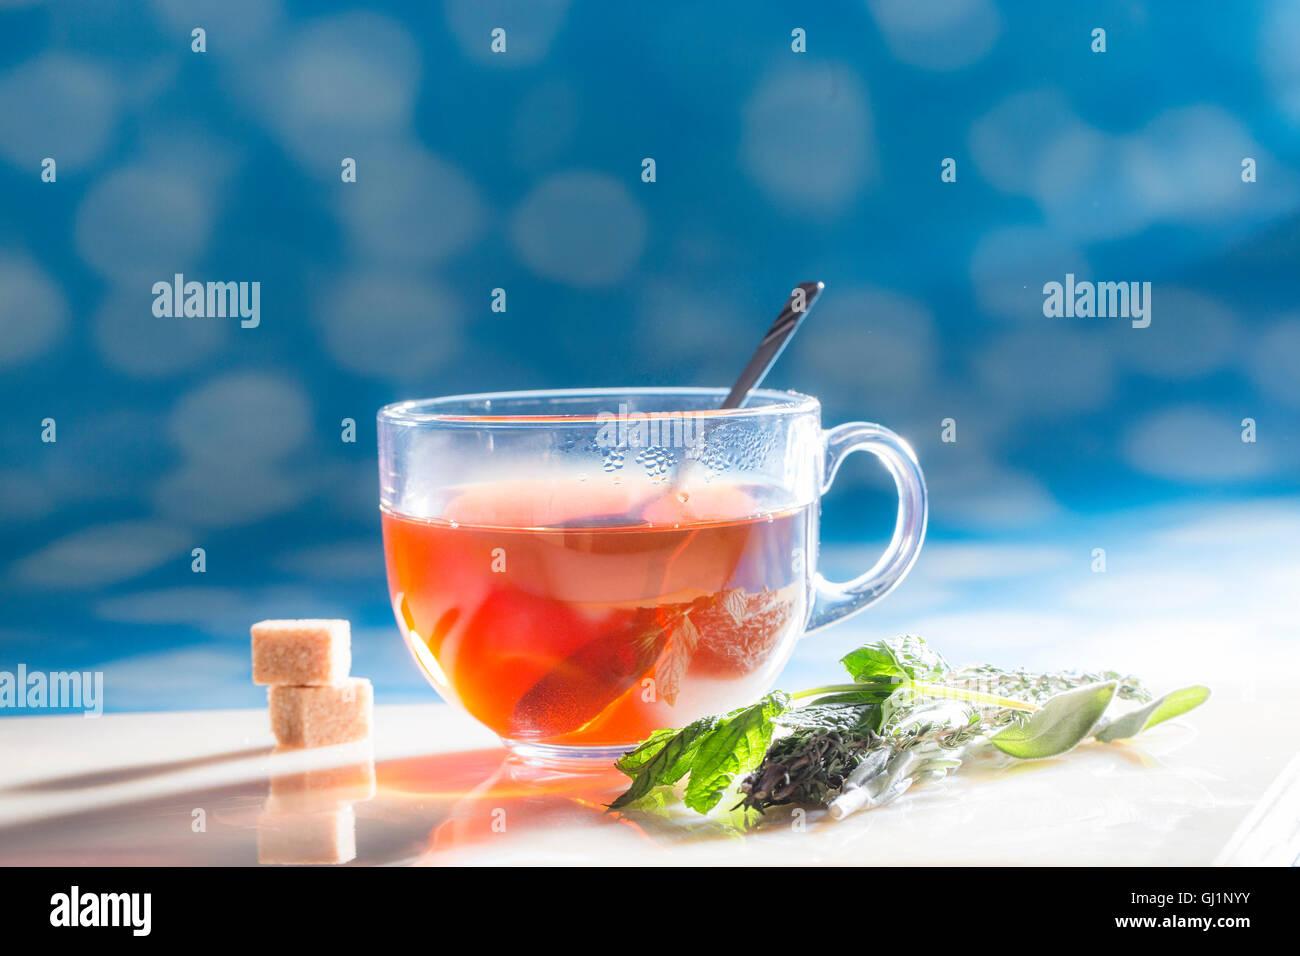 Taza de Té con azúcar y hierbas en día soleado. Imagen De Stock